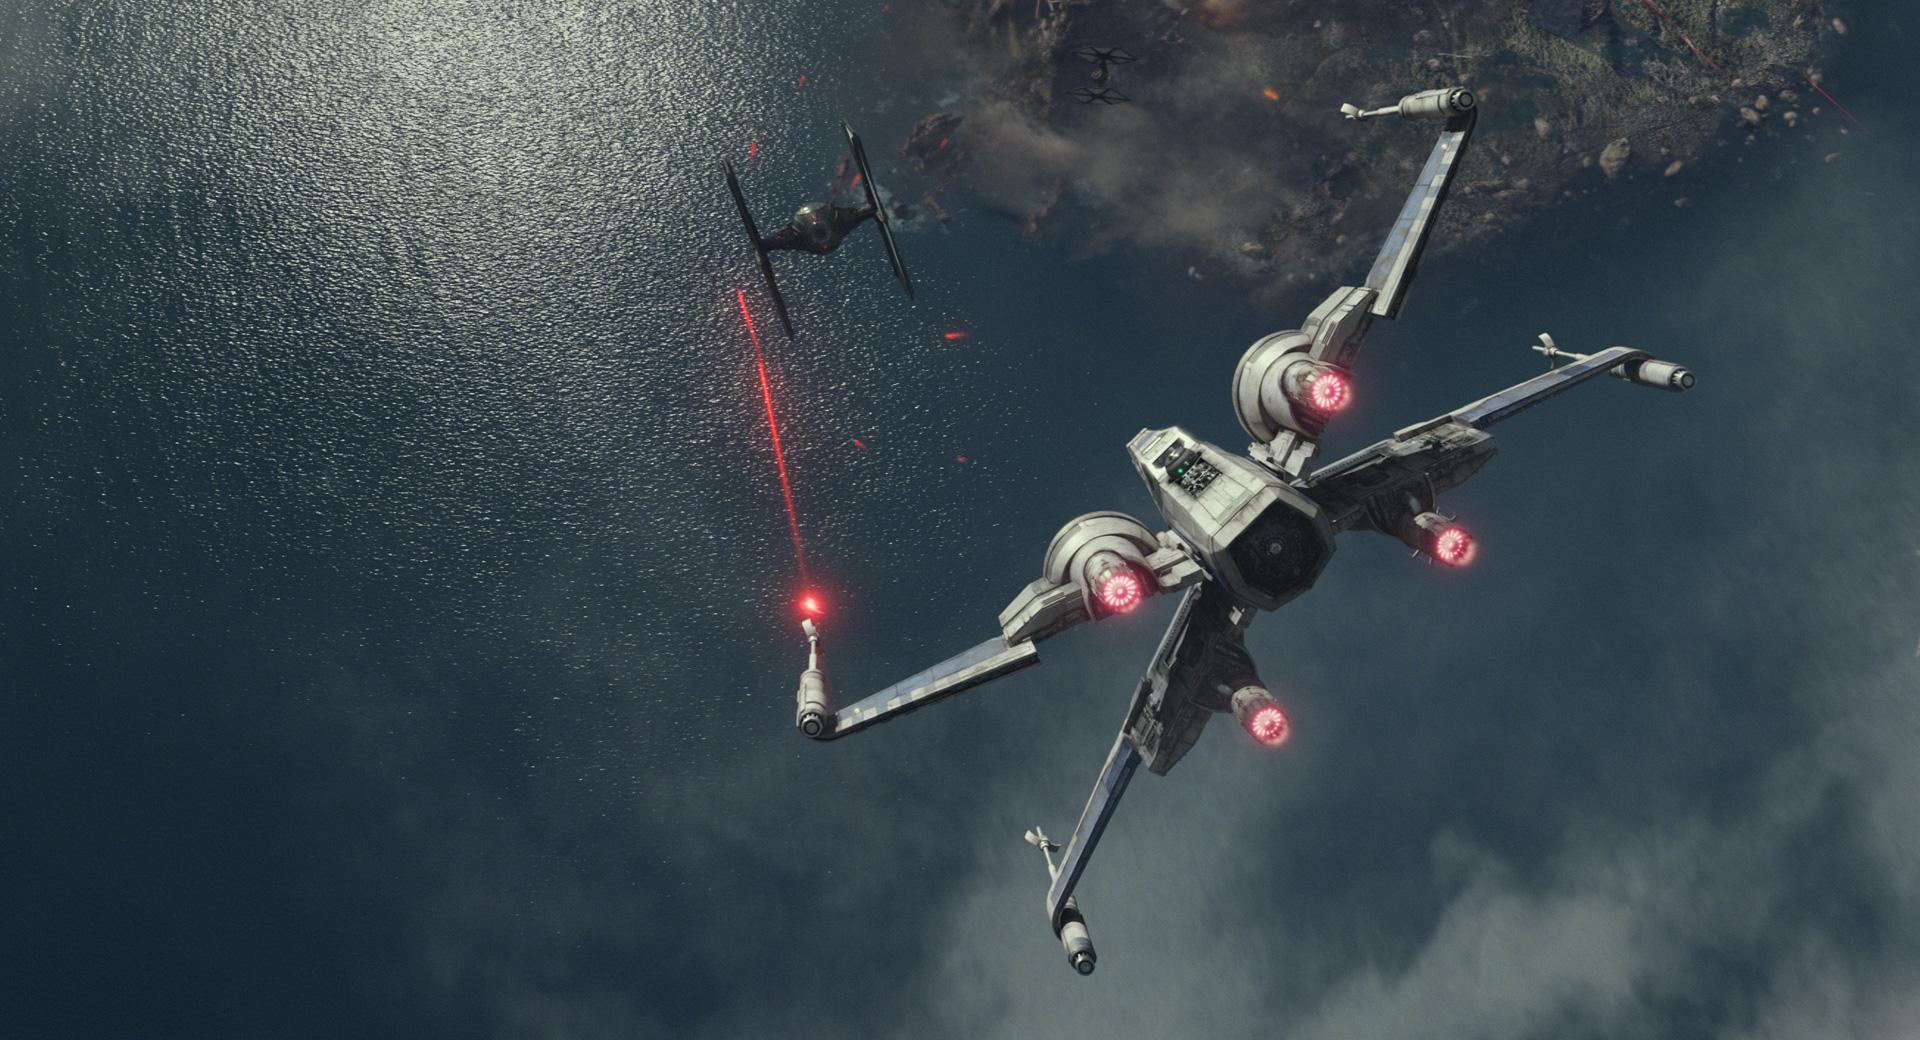 EA ferme Visceral Games, le studio qui travaillait sur un jeu Star Wars ambitieux - Pop culture - Numerama